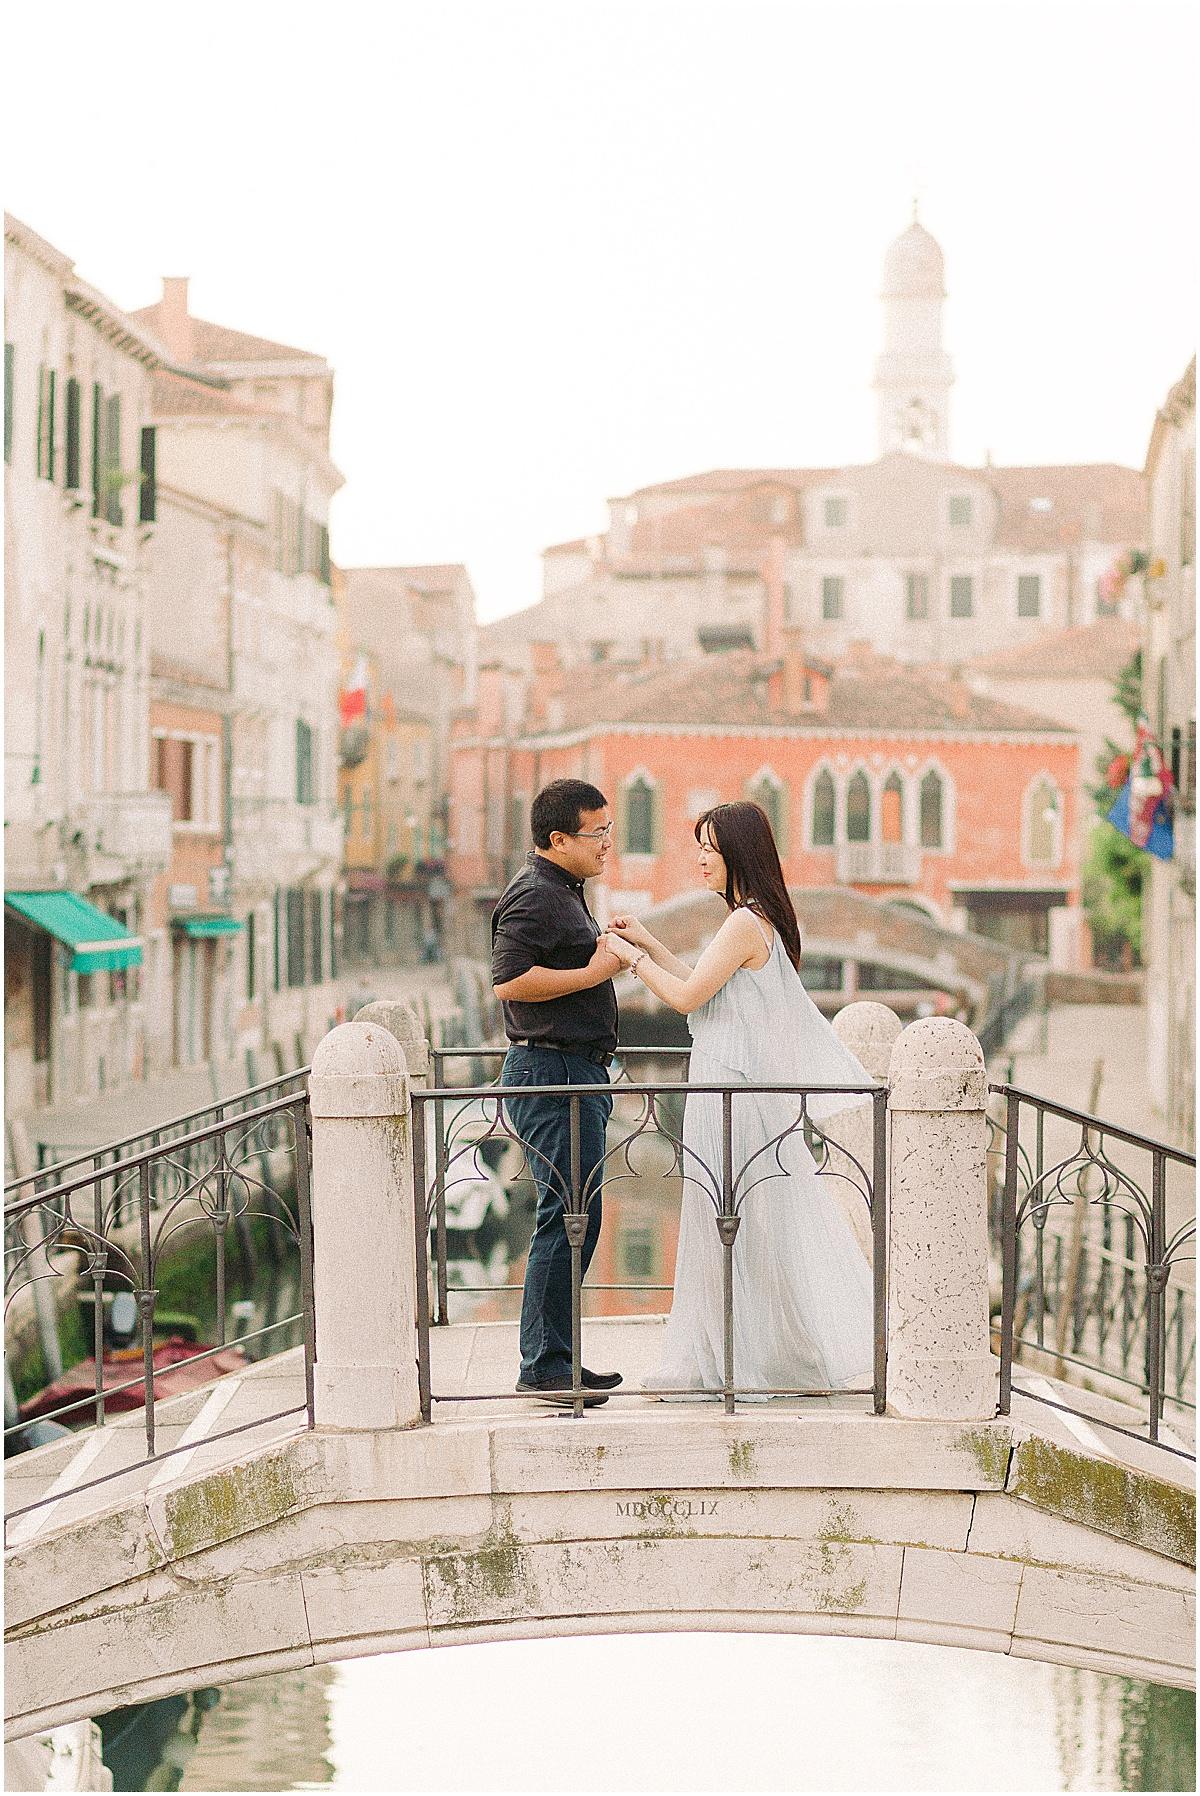 lifestyle-photographer-couple-in-venice-gondola-sunset-stefano-degirmenci_0337.jpg